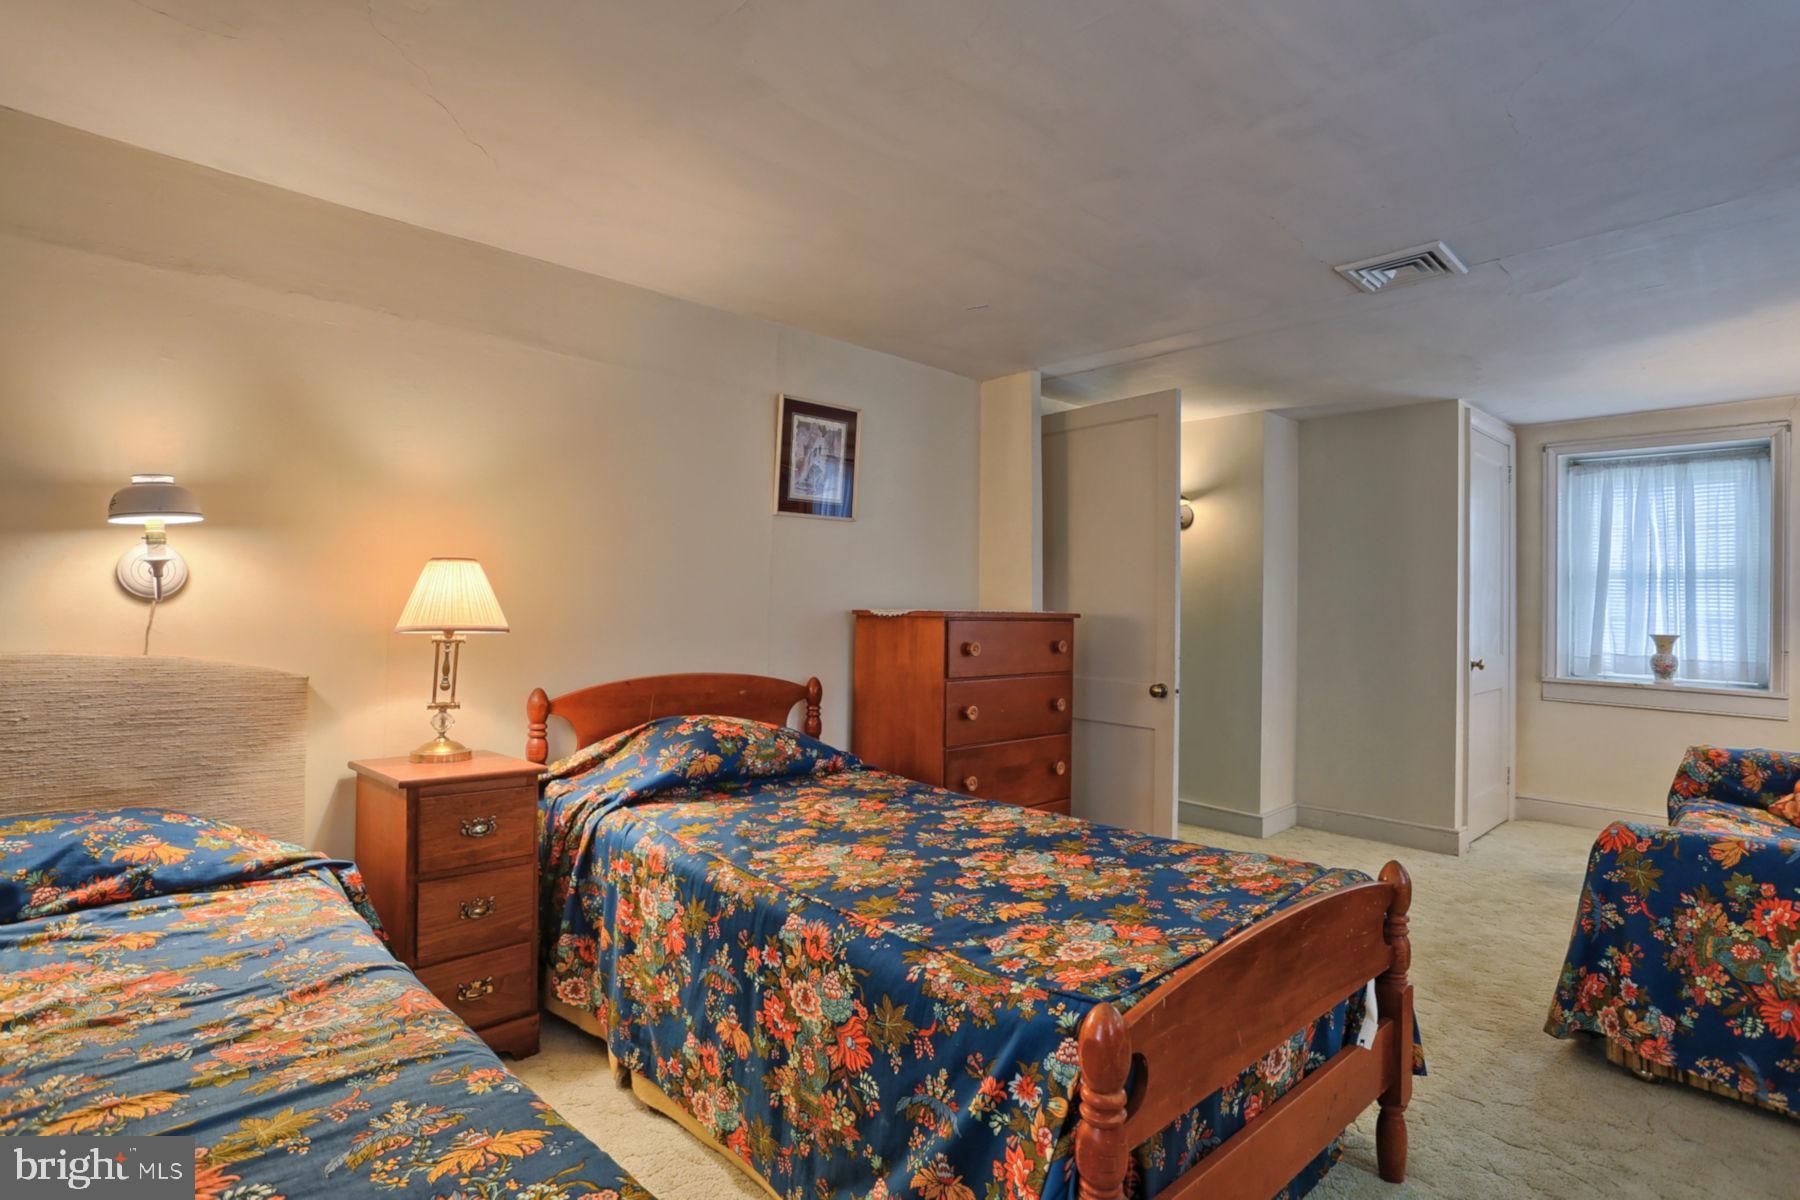 Bedroom 3 View 3